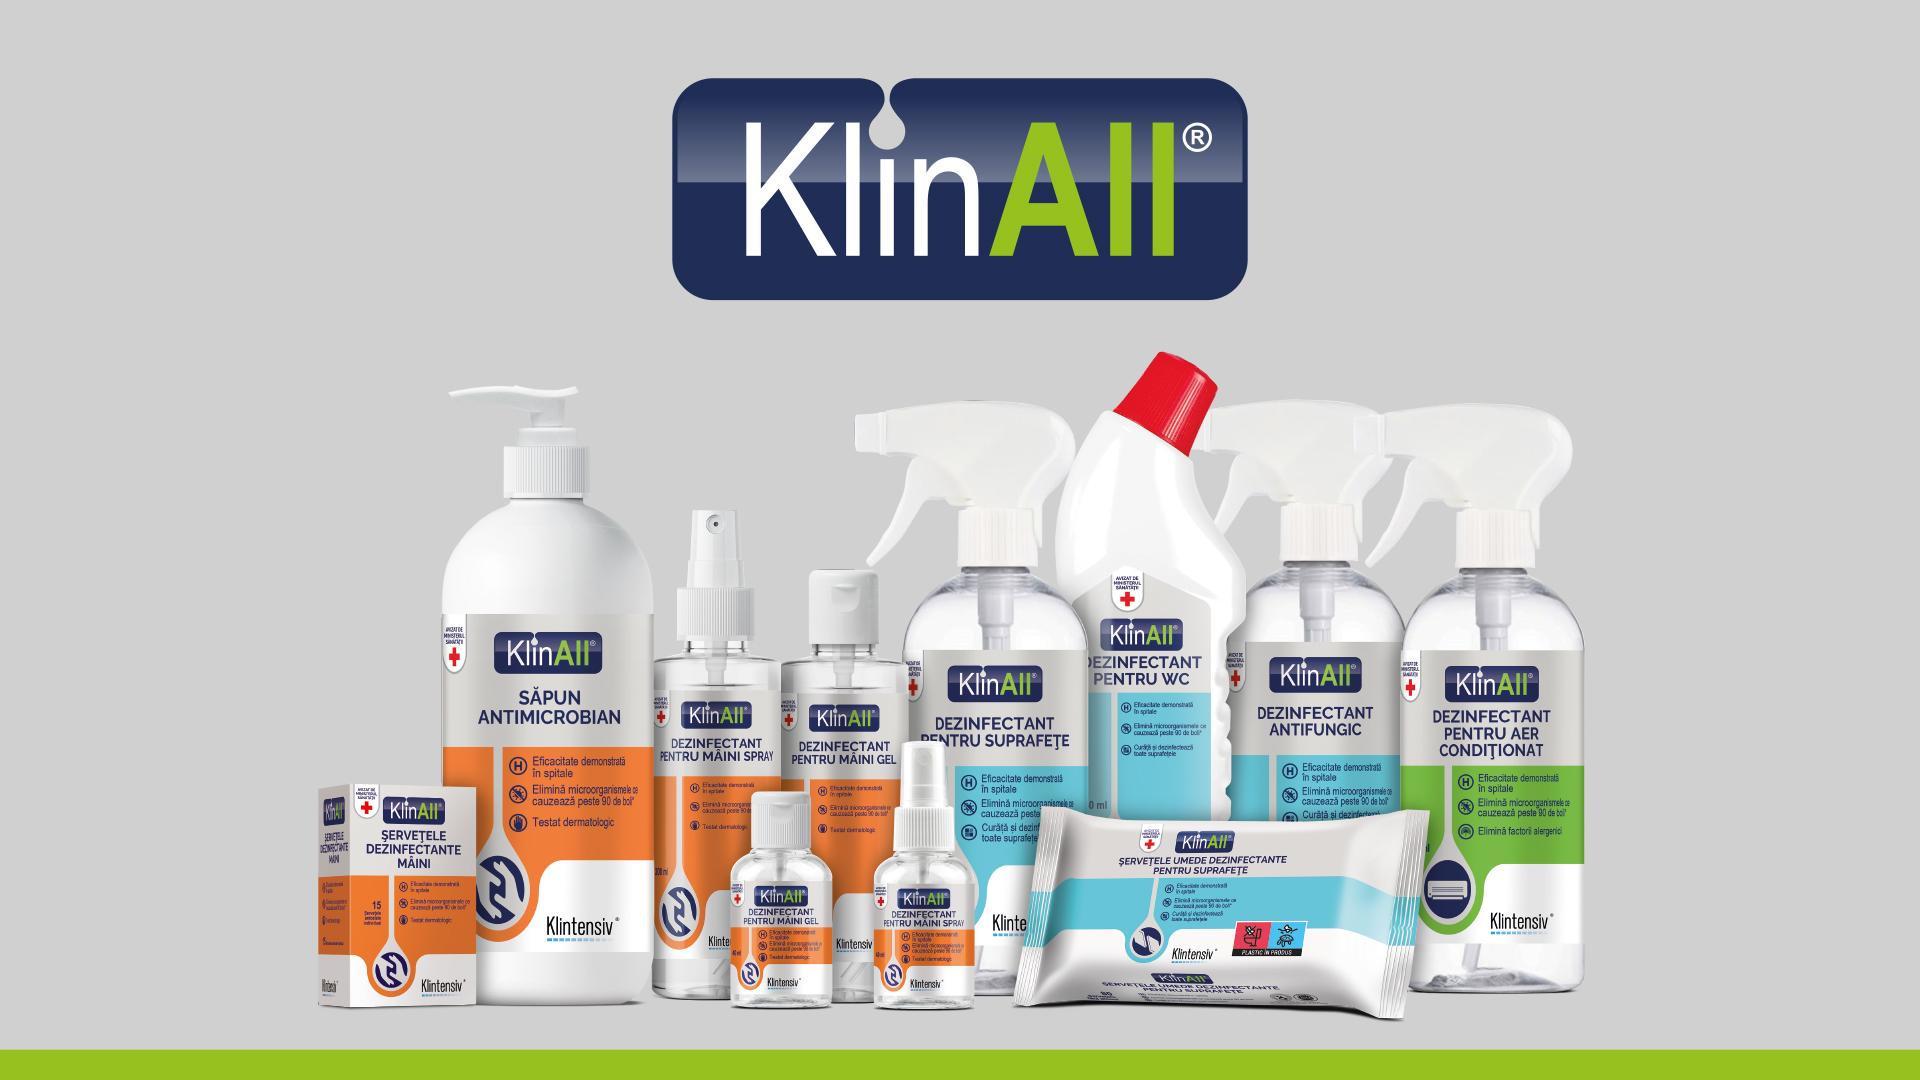 Klintensiv®, cu cele mai vândute produse în spitale în 2020, lansează un brand nou de dezinfectanți pentru consumatorul casnic. KlinAll® este singurul brand românesc din retail cu expertiză medicală și profesională